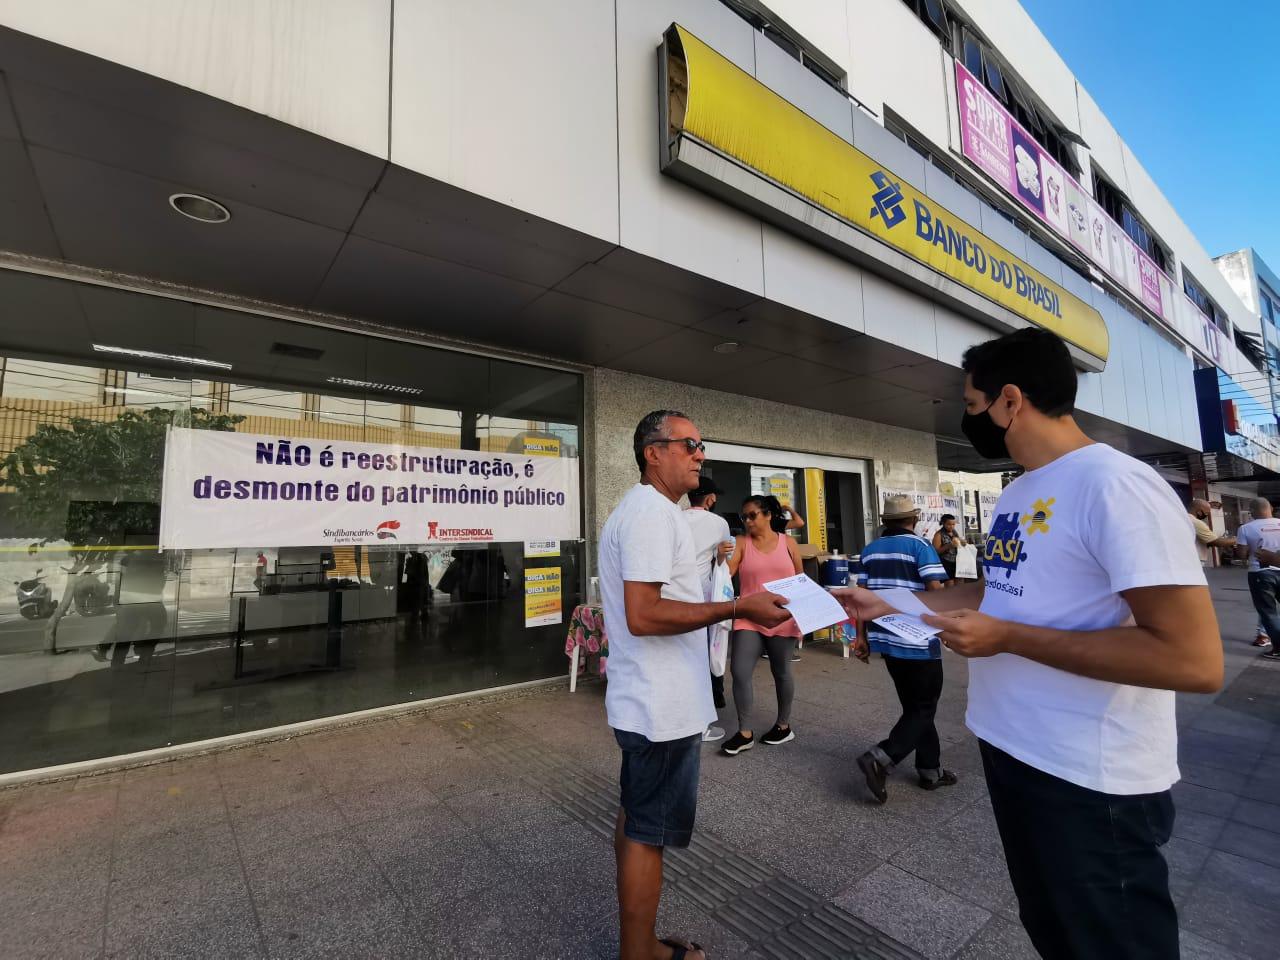 Distribuindo panfletos, bancários dialogaram com população sobre fechamento de agências